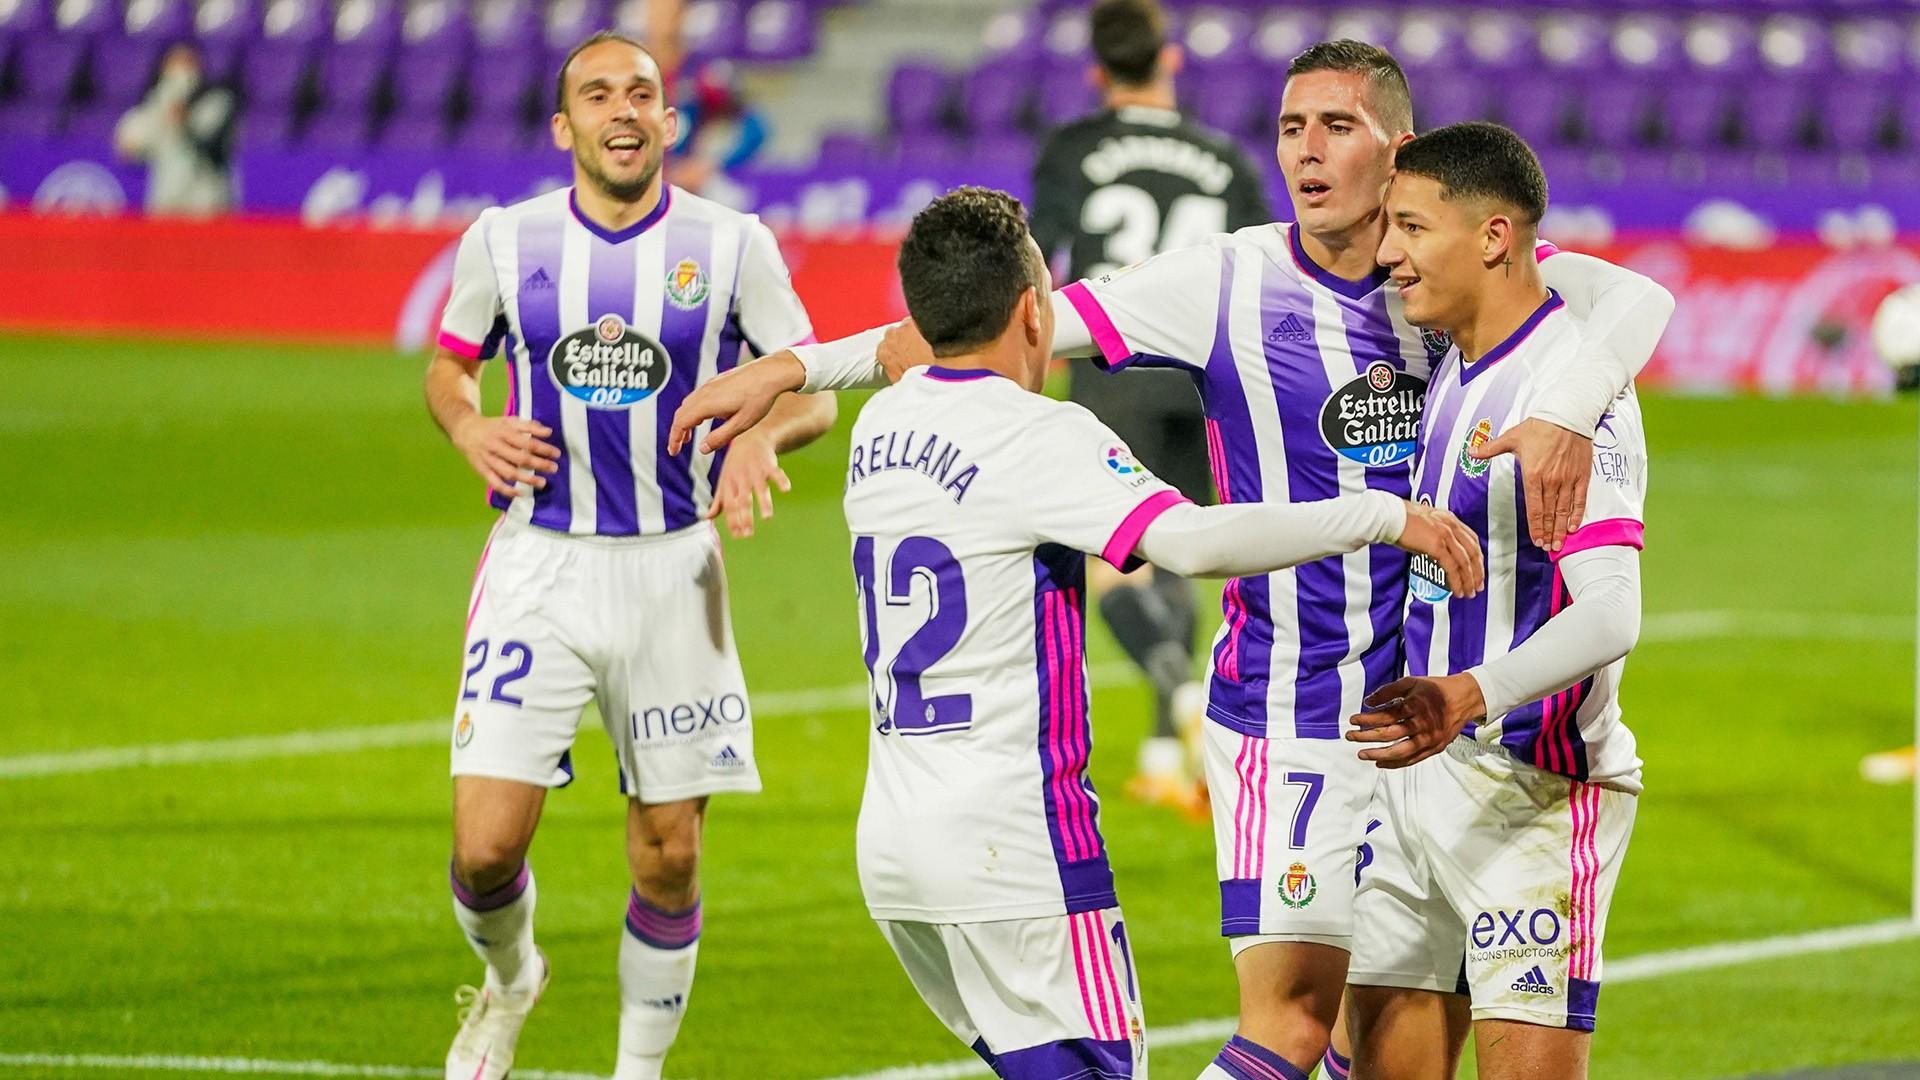 El Debut En Copa El Martes 15 De Diciembre A Las 19 00 Horas Real Valladolid Web Oficial